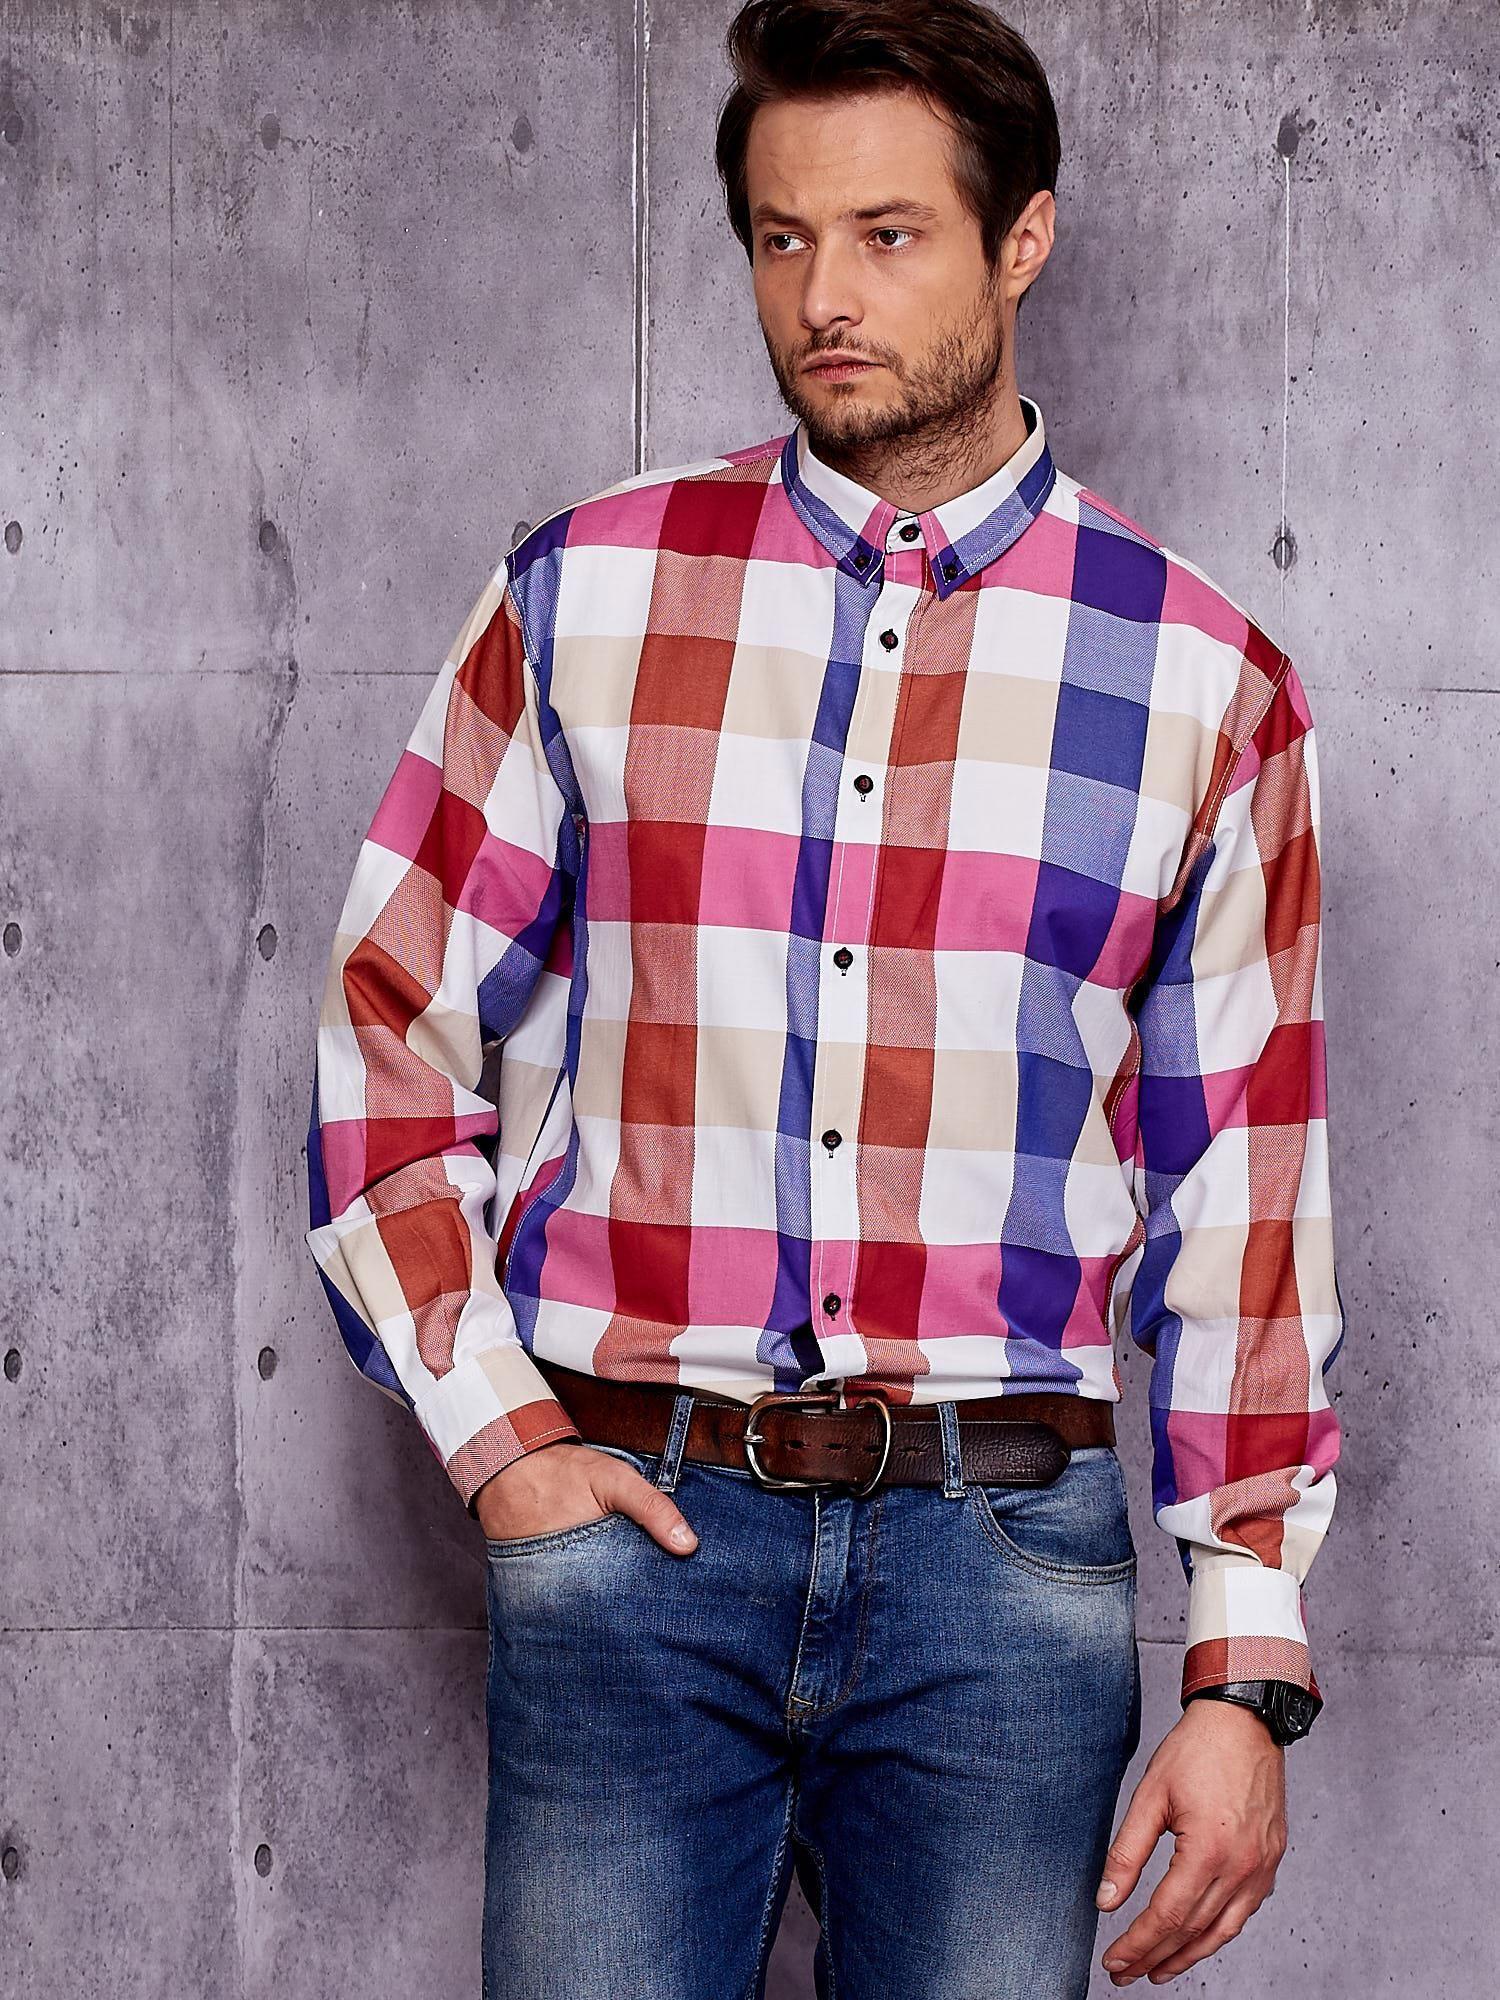 7ca0a9b44f1e Koszula męska w szeroką kolorową kratę PLUS SIZE - Mężczyźni koszula ...